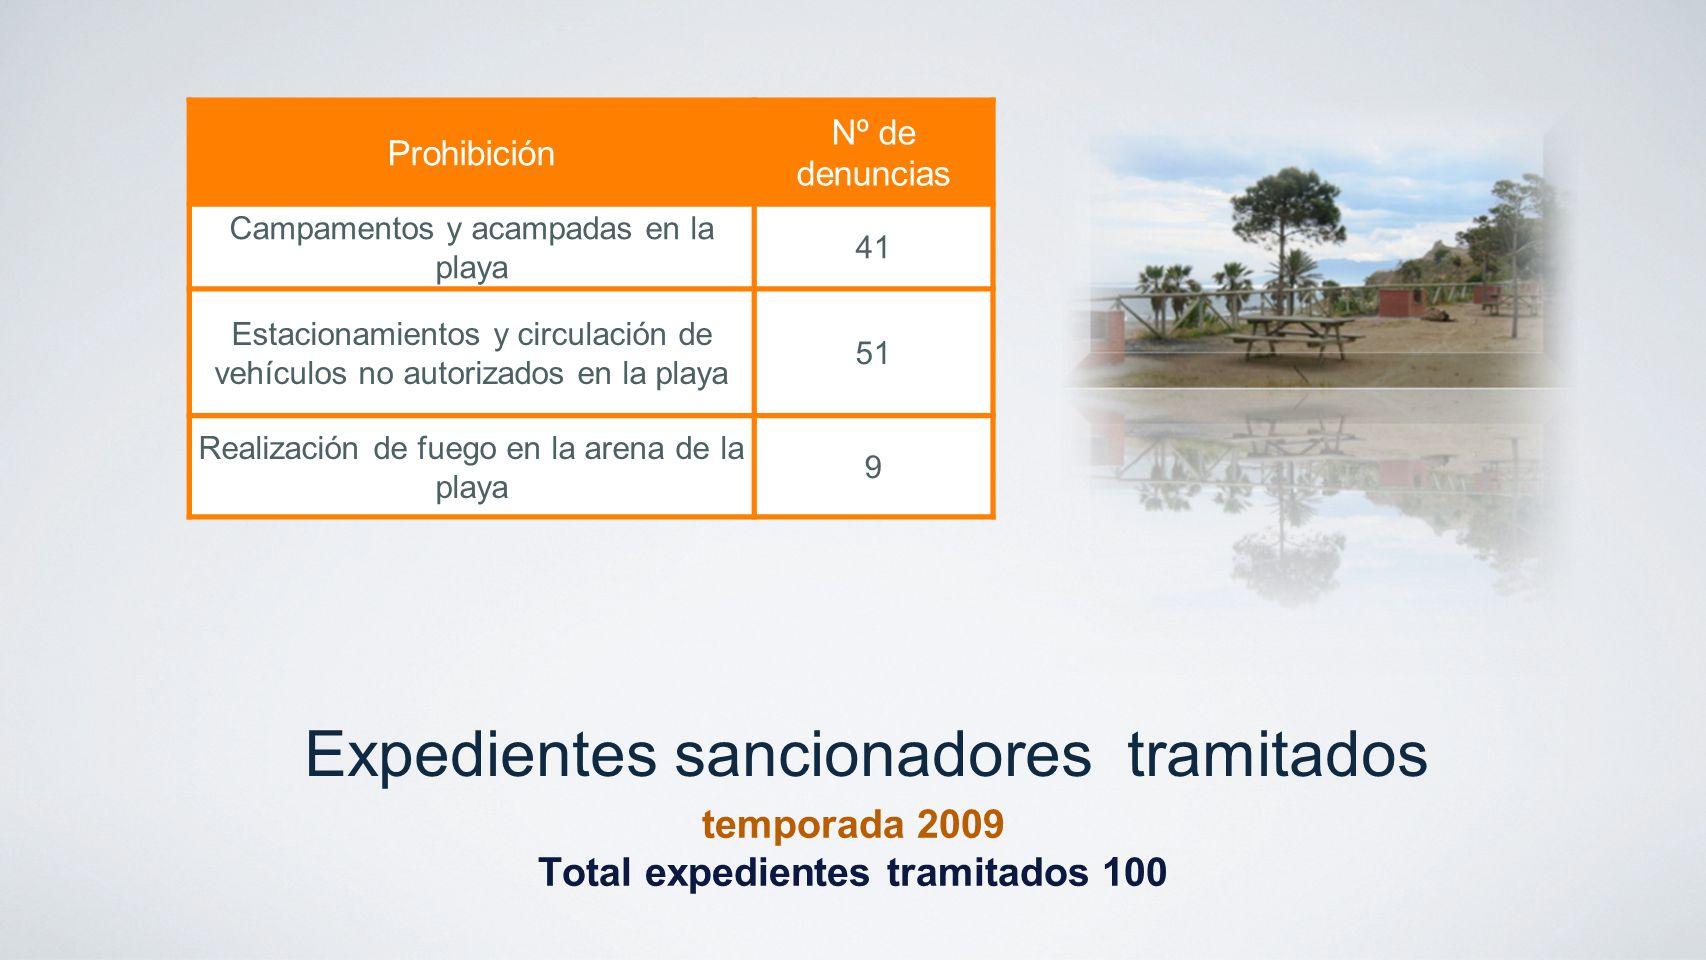 Expedientes sancionadores tramitados temporada 2009 Total expedientes tramitados 100 Prohibición Nº de denuncias Campamentos y acampadas en la playa 4